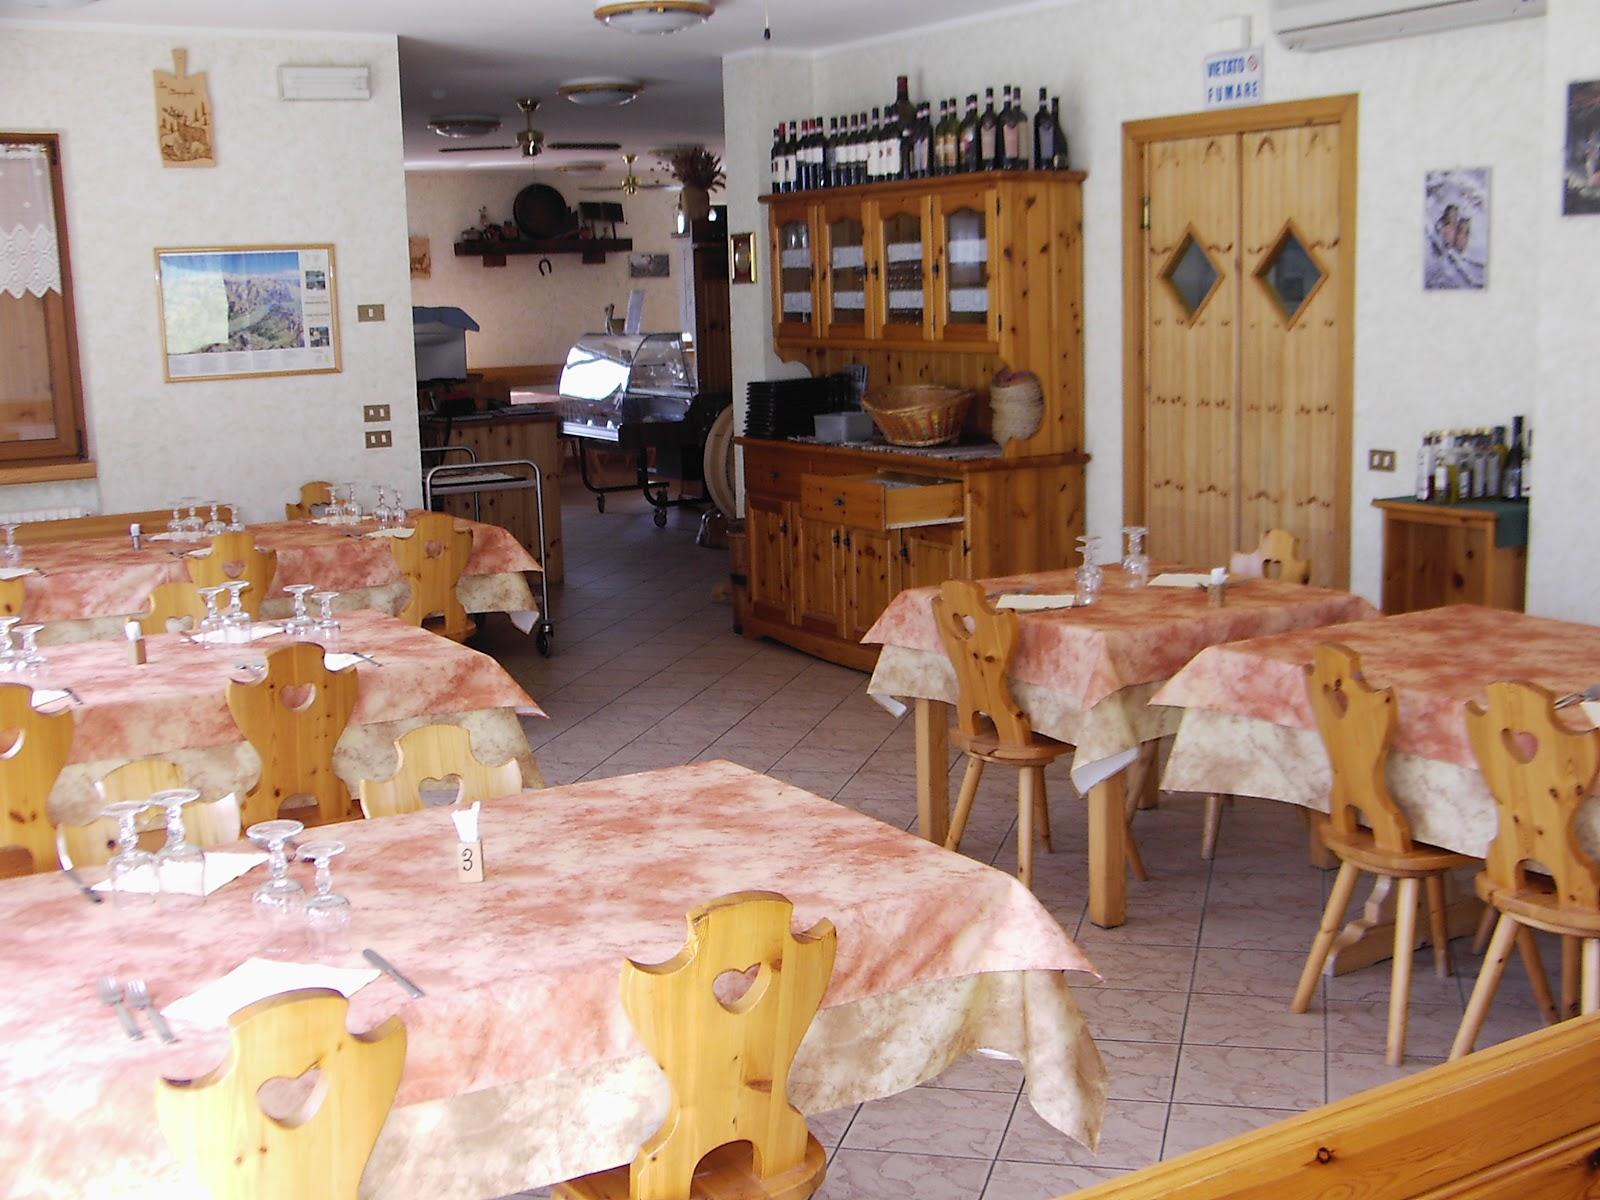 Agriturismo In Valtellina Gallery Immagini Della Struttura #9D6D2E 1600 1200 La Classifica Delle Migliori Cucine